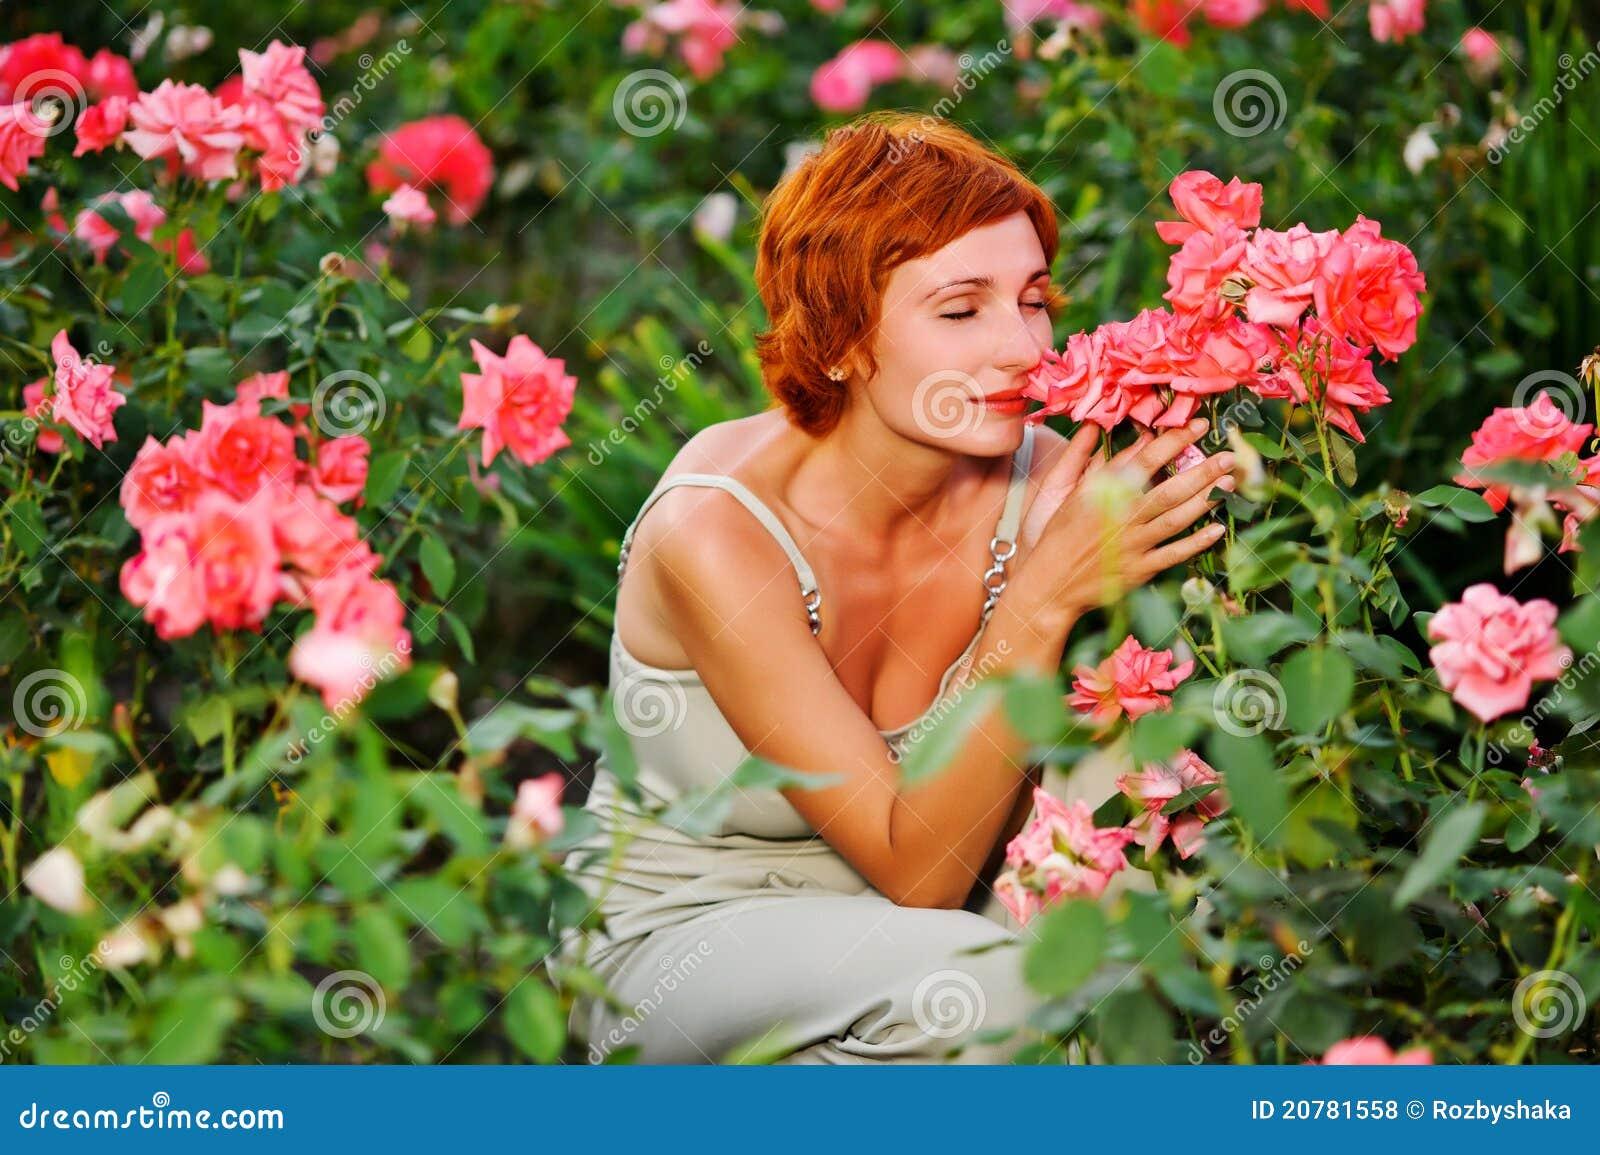 Mujer En Un Jardín De Rosas Foto de archivo - Imagen de cara ...